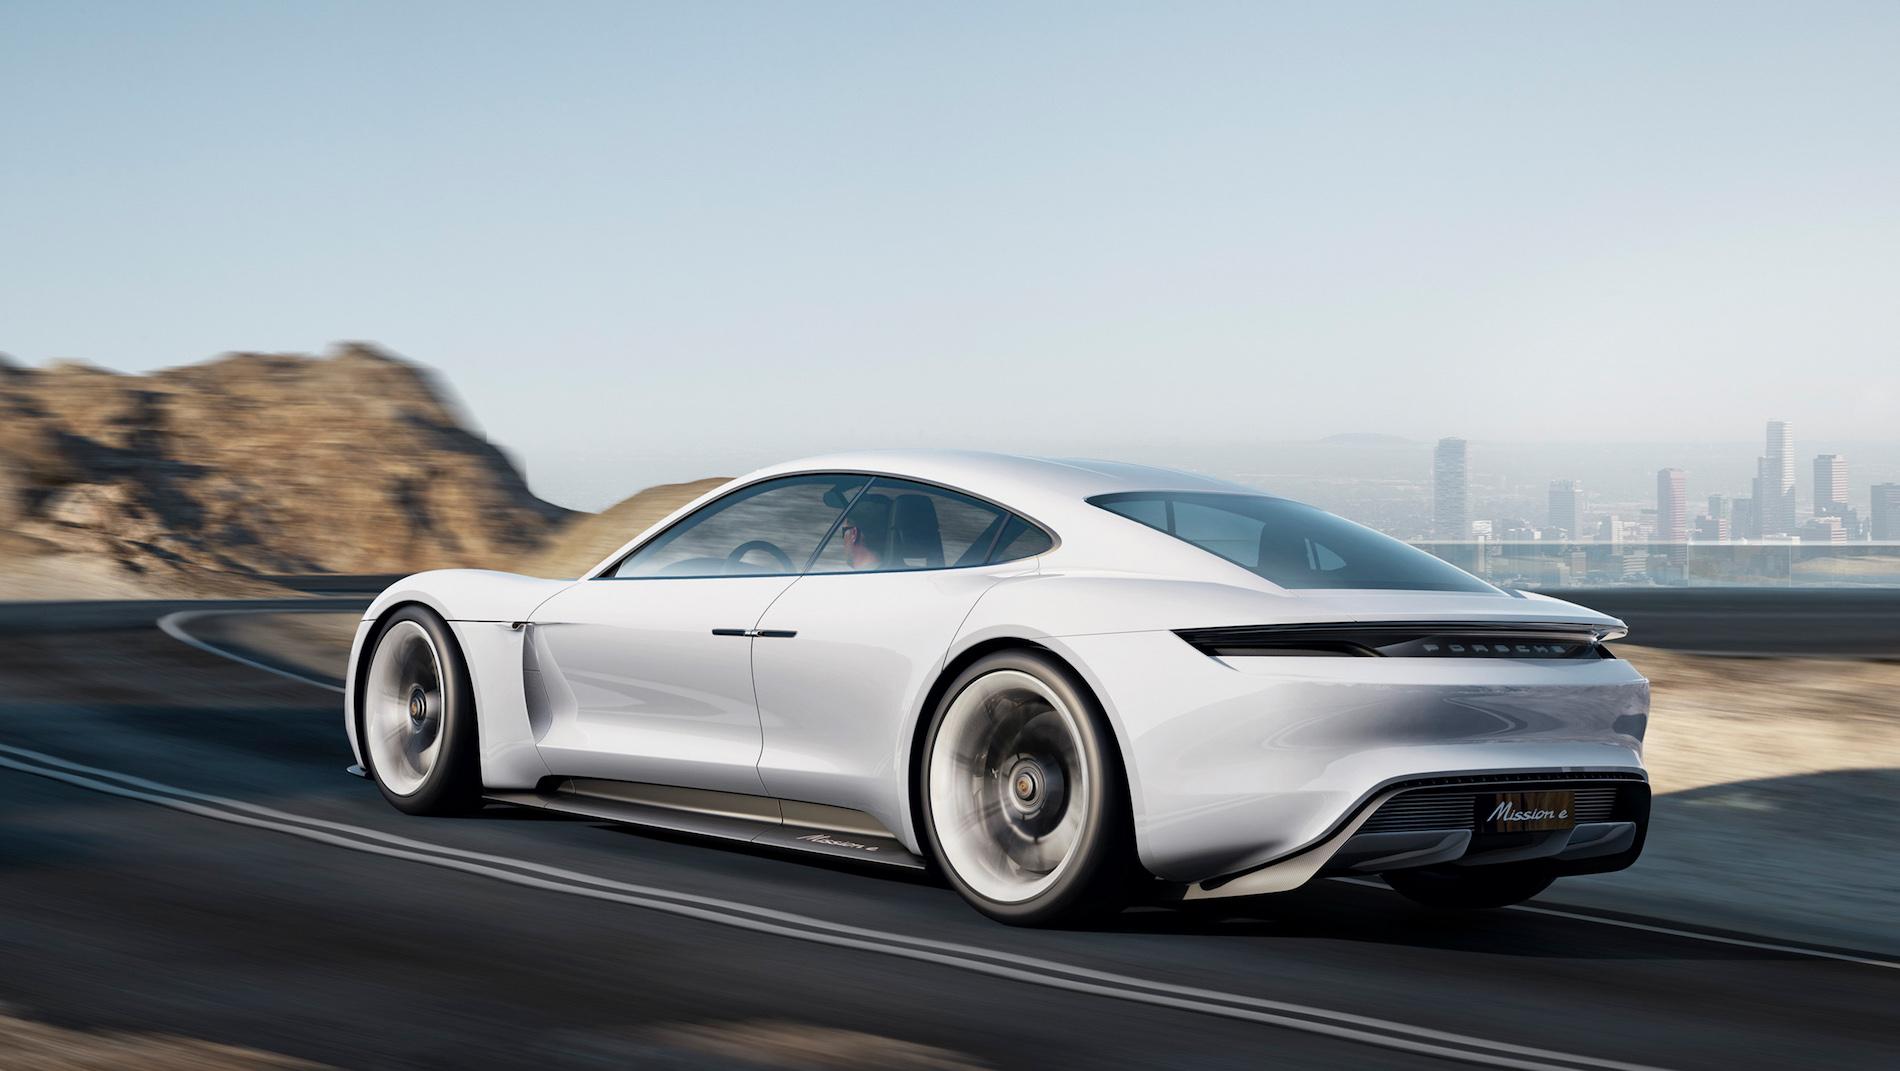 Porsche Taycan: Mehr als 20.000 Kaufinteressenten für den Elektro-Sportler von Porsche 6